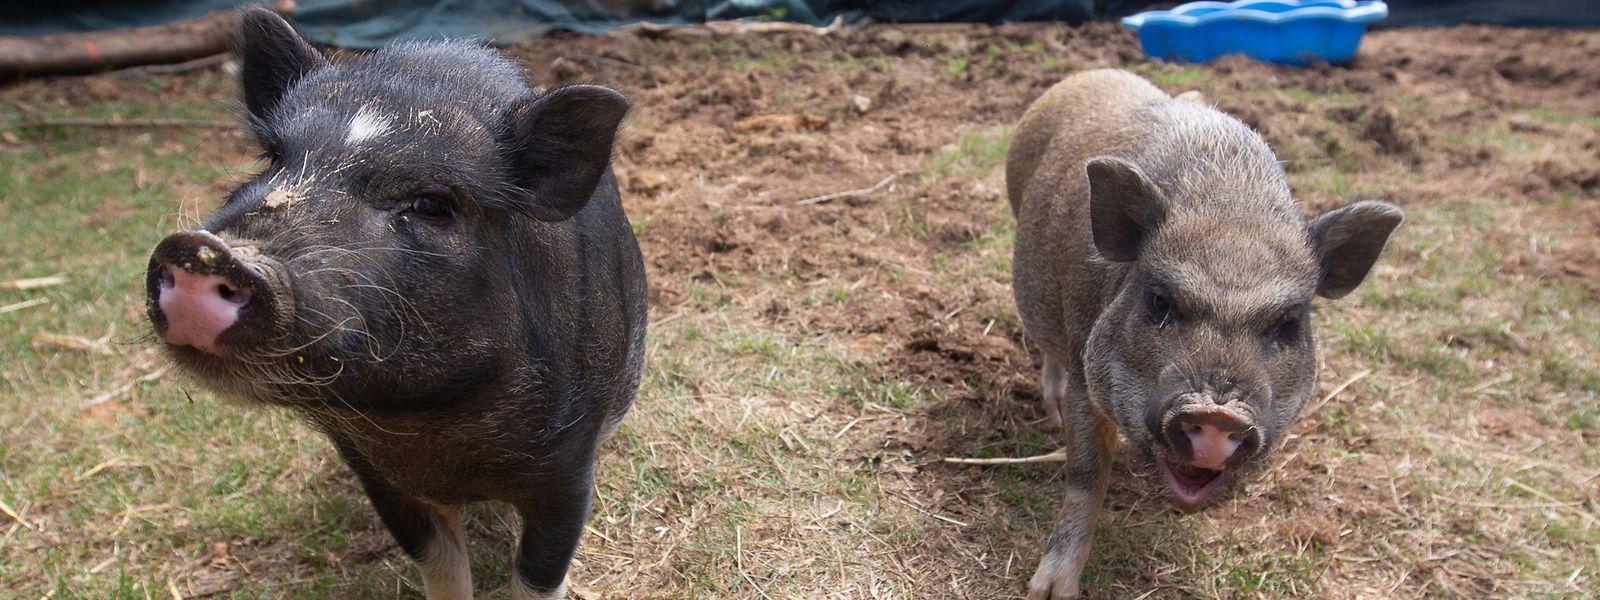 Erna (r.) und Lotta sind ein Mini-Schwein-Geschwisterpaar. Die etwa 40 Kilogramm schweren Tiere sollen Teil eines pädagogischen Bauernhofs mit etwas neuem Konzept werden.